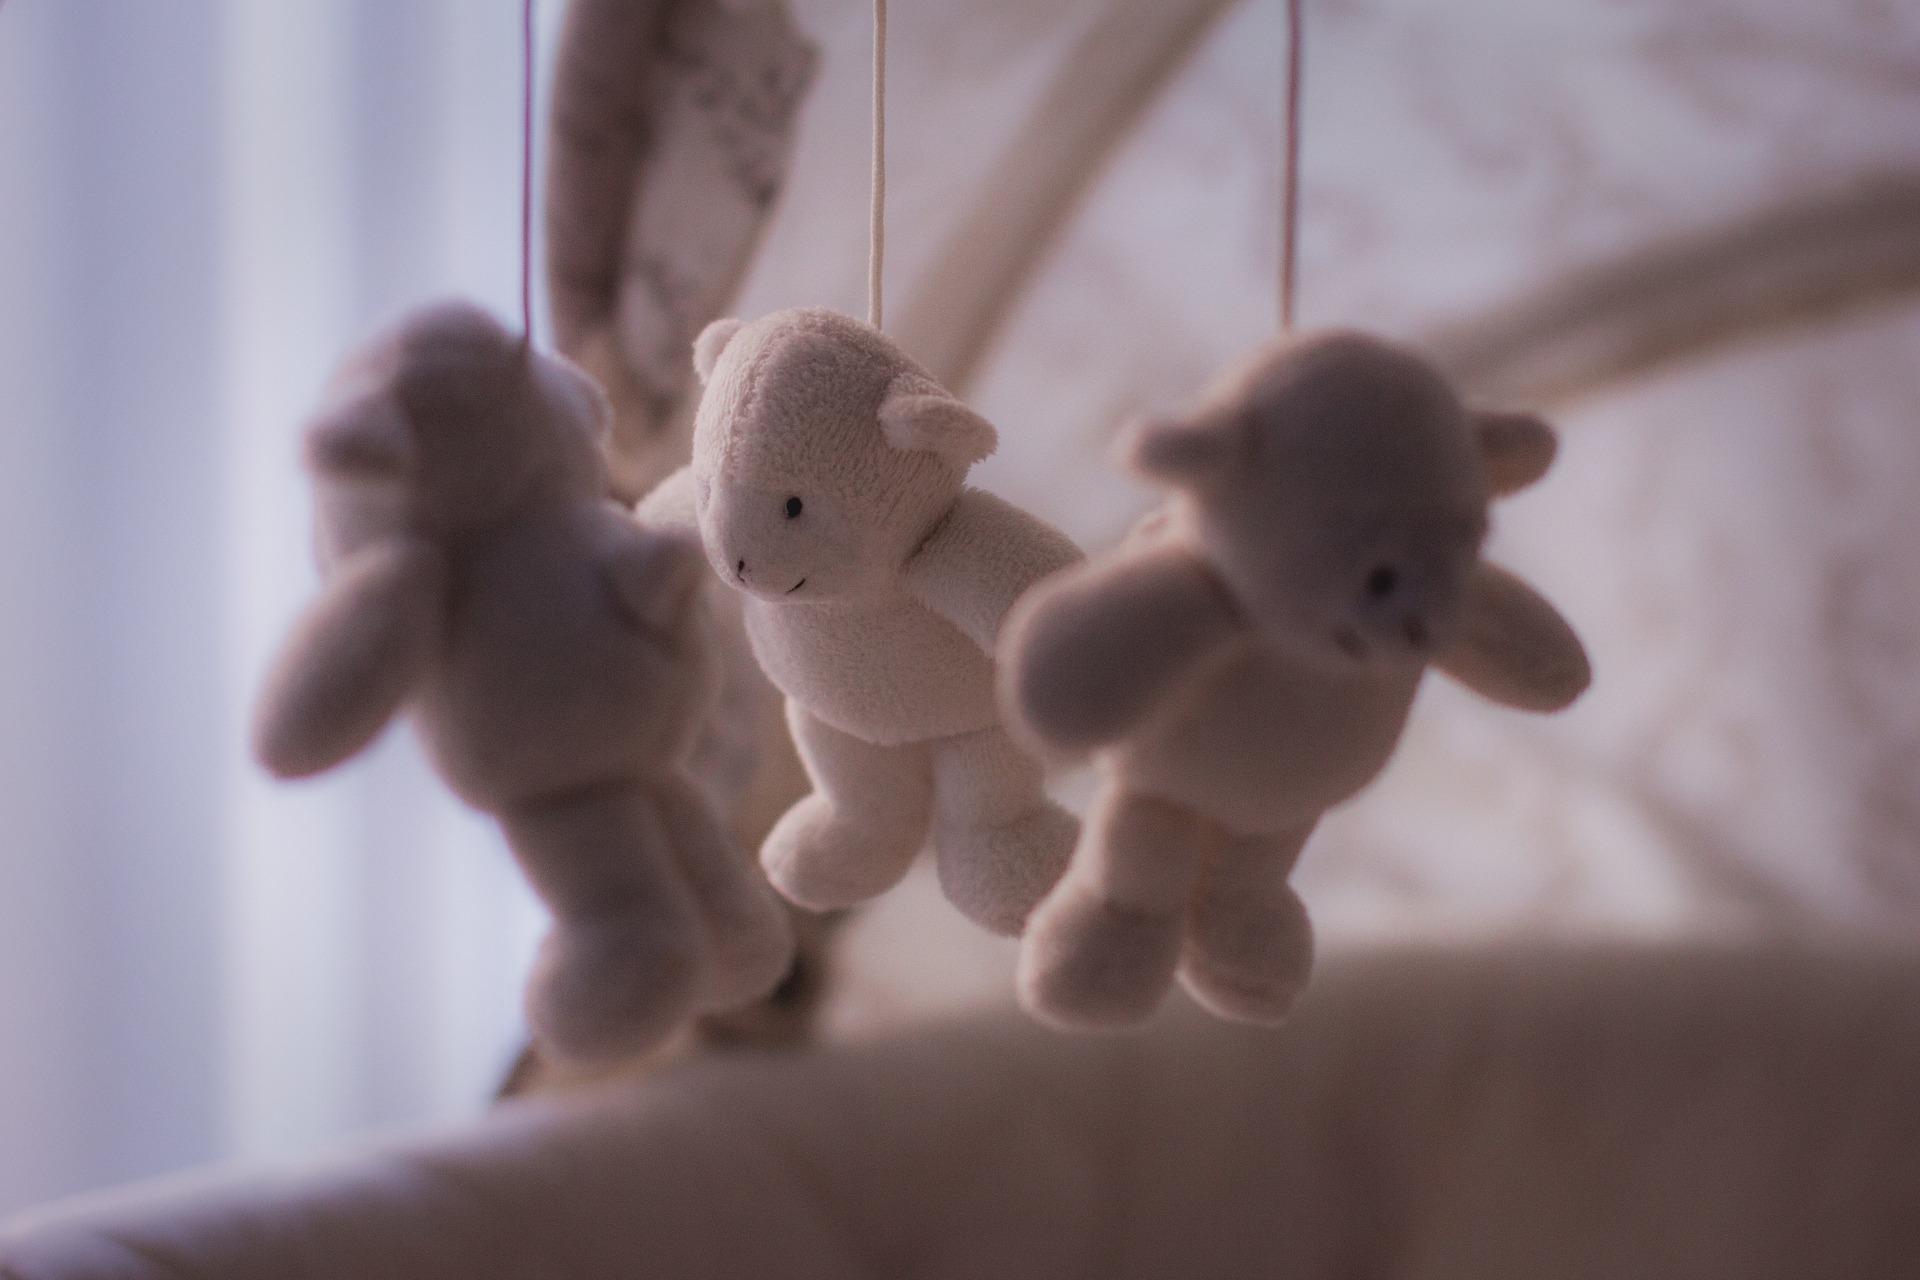 Dziecko w bielskim żłobku miejskim chore na COVID-19